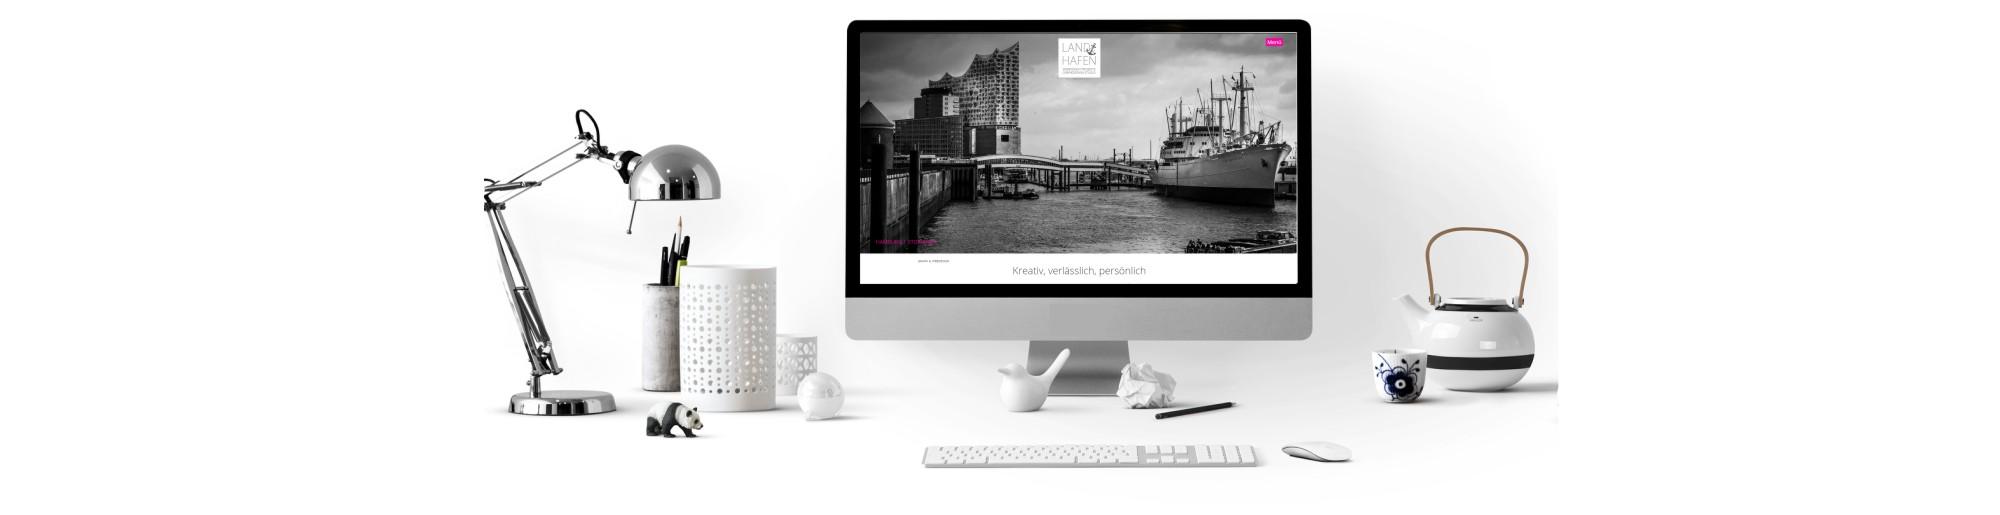 Studio Land und Hafen - Webdesign & Grafik